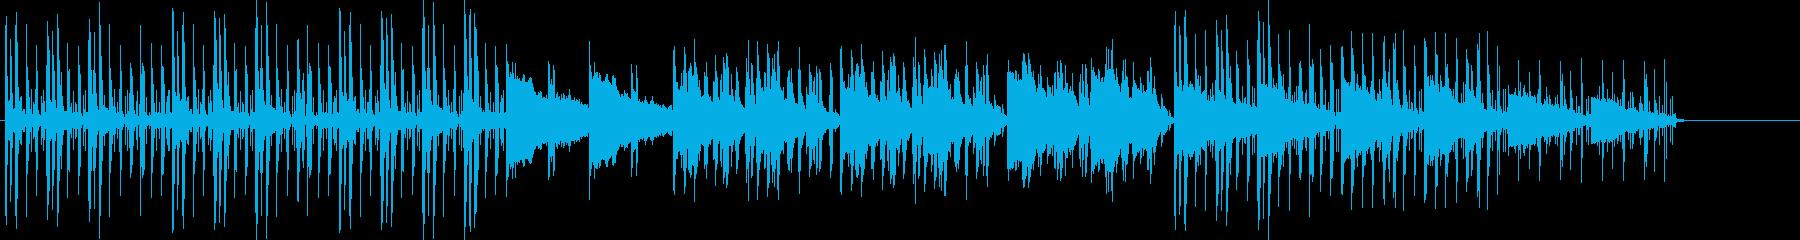 日常、ほのぼの、ピアノの再生済みの波形